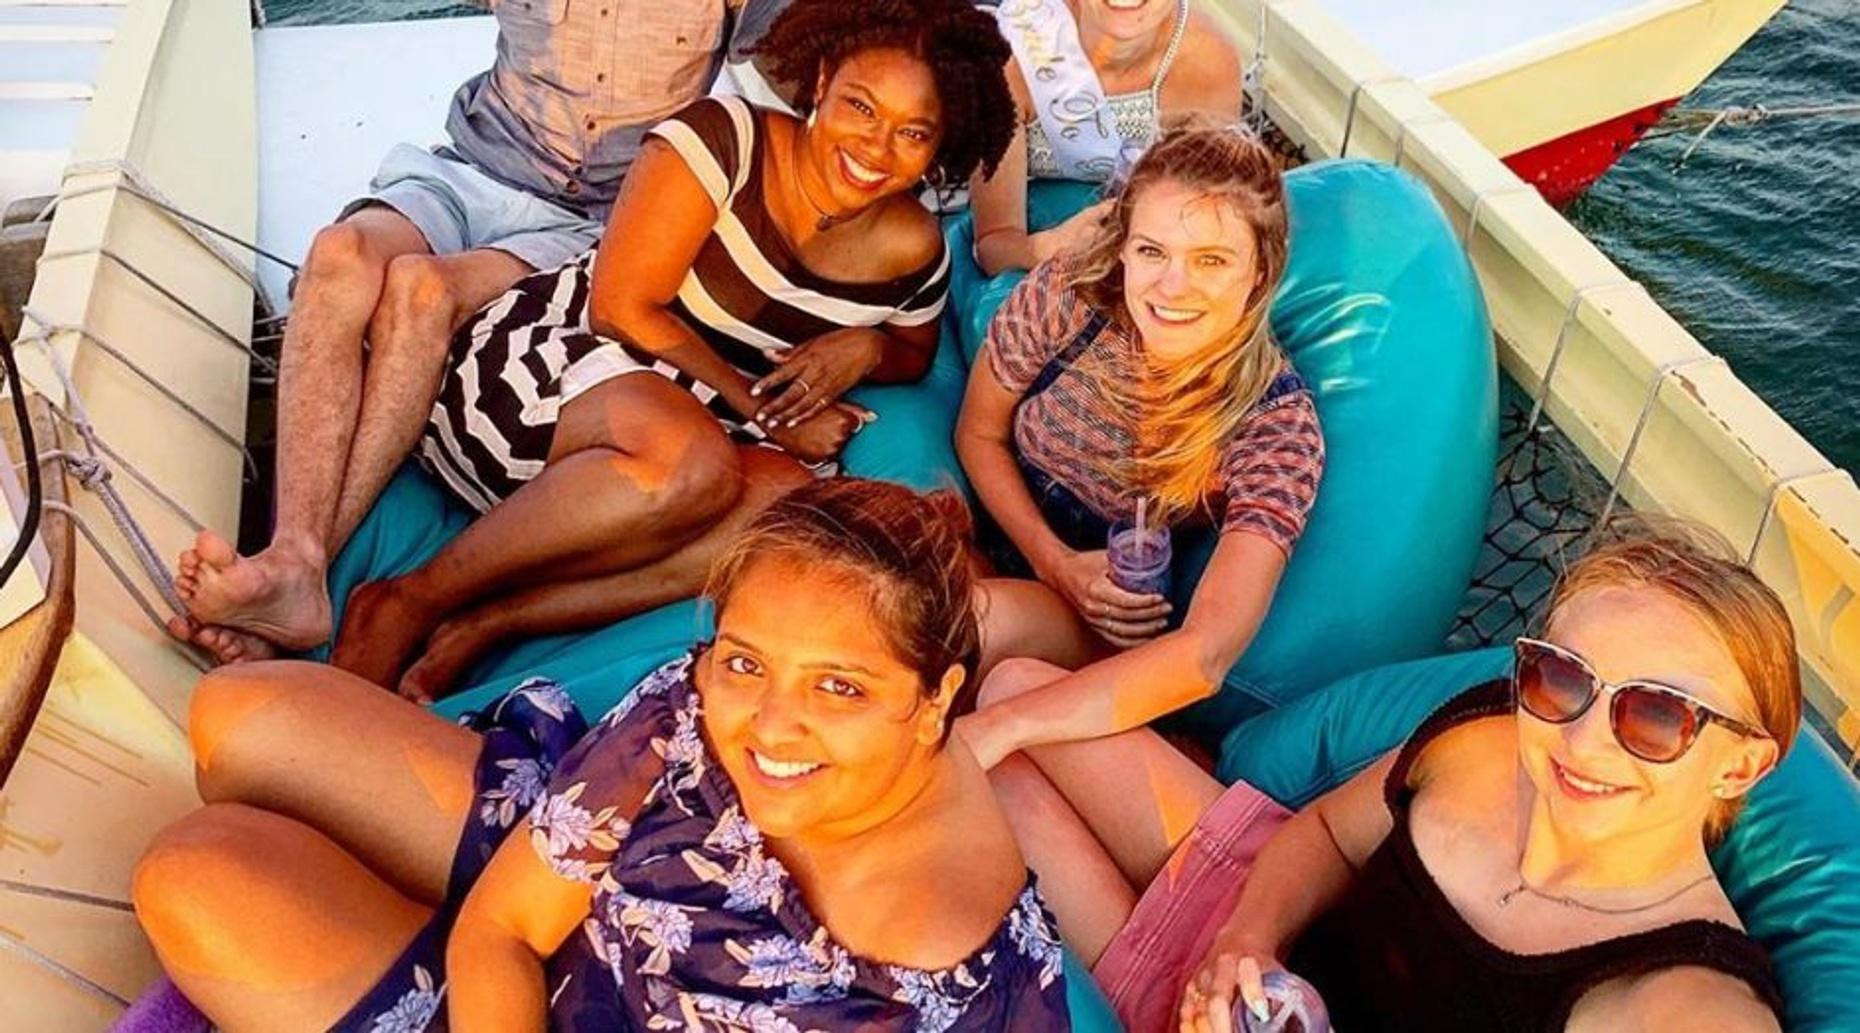 2-Hour Discover Montauk Sailing Adventure